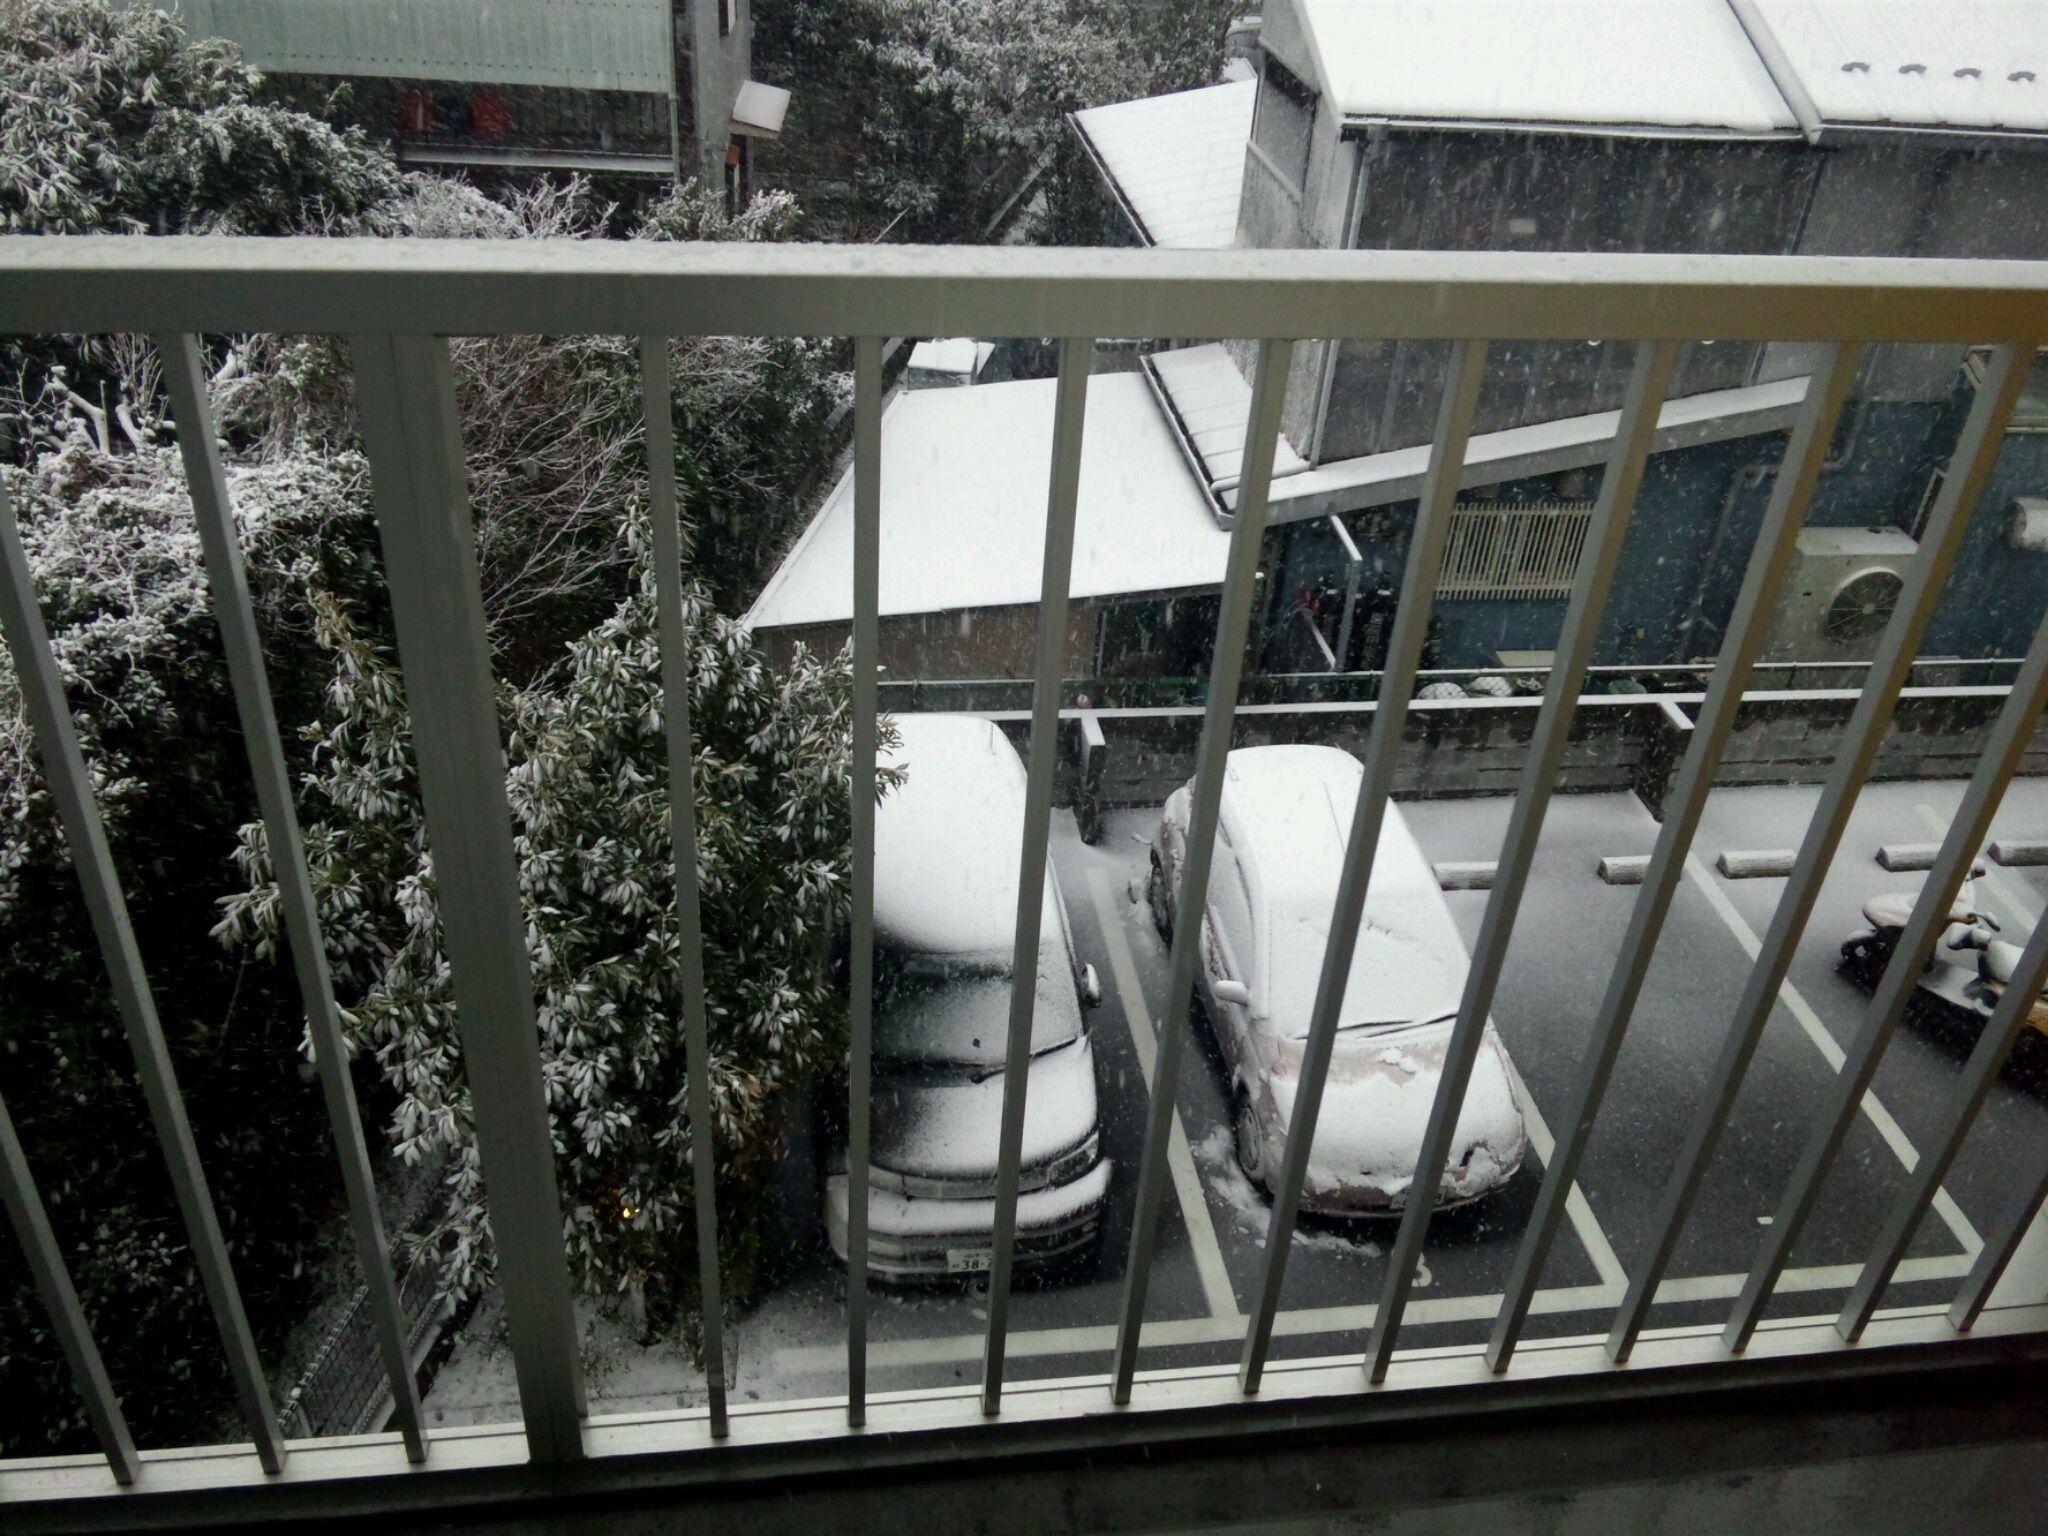 藤沢は、雪です。おそらくこれが、今年最後の「なごり雪」となるでしょう。